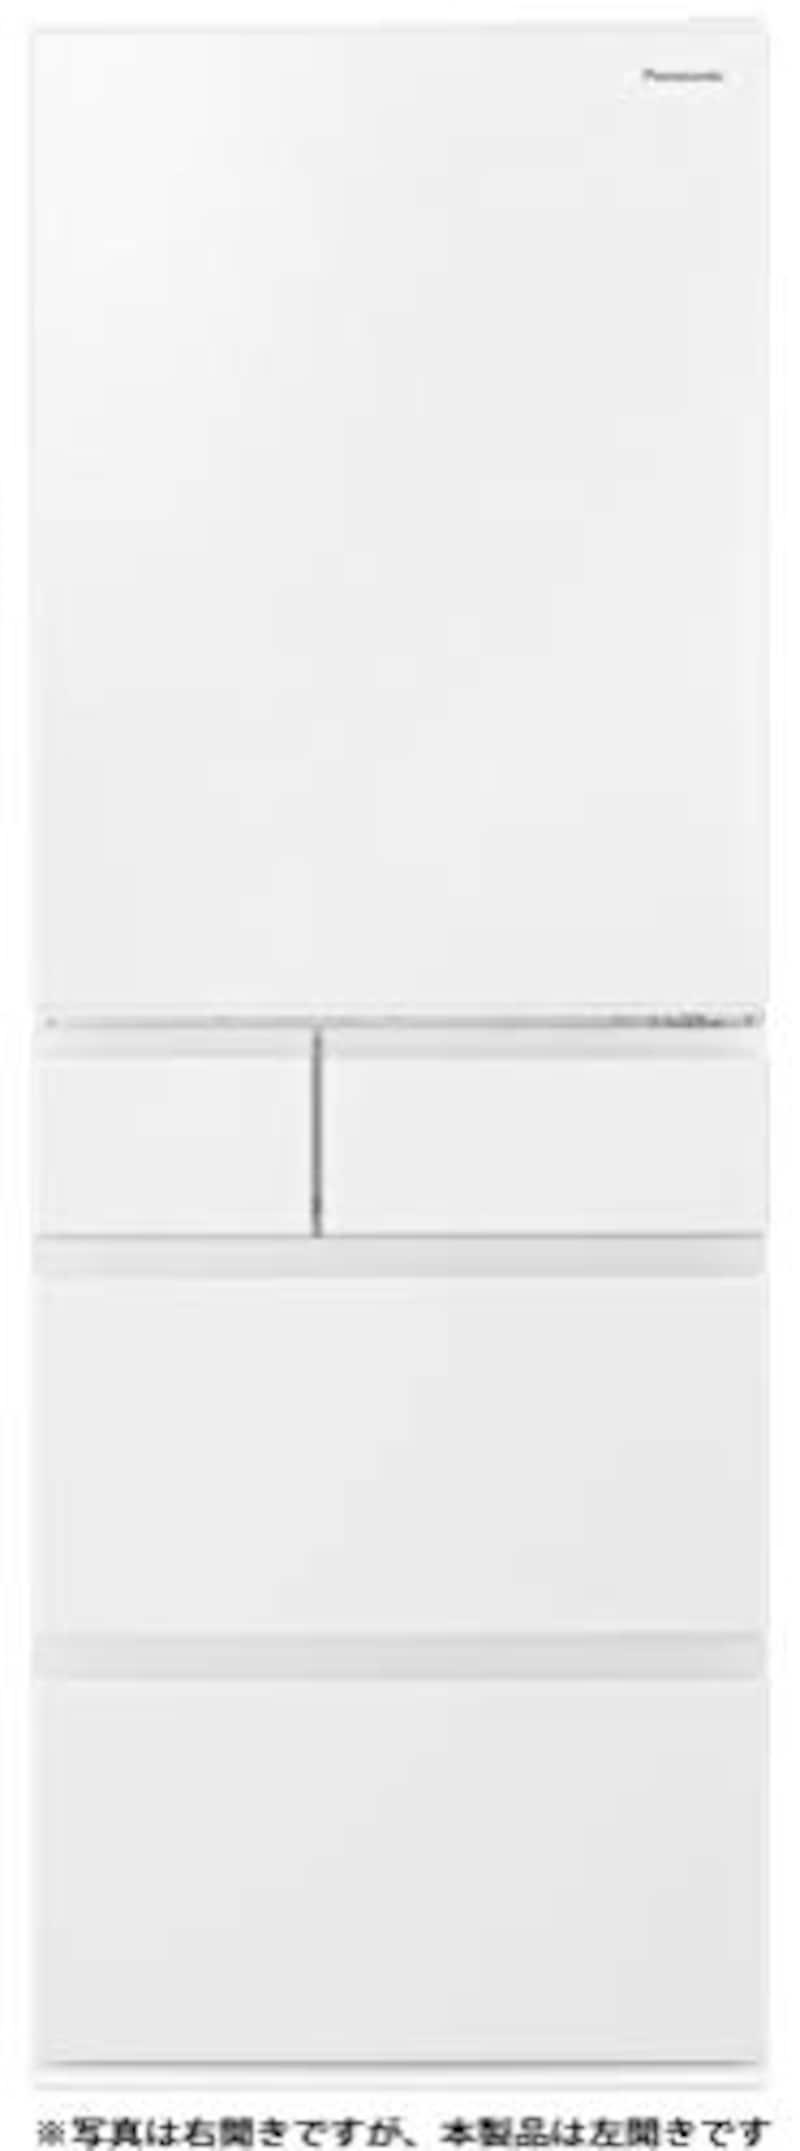 Panasonic(パナソニック),5ドア冷蔵庫 ハーモニーホワイト,NR-E507EXL-W